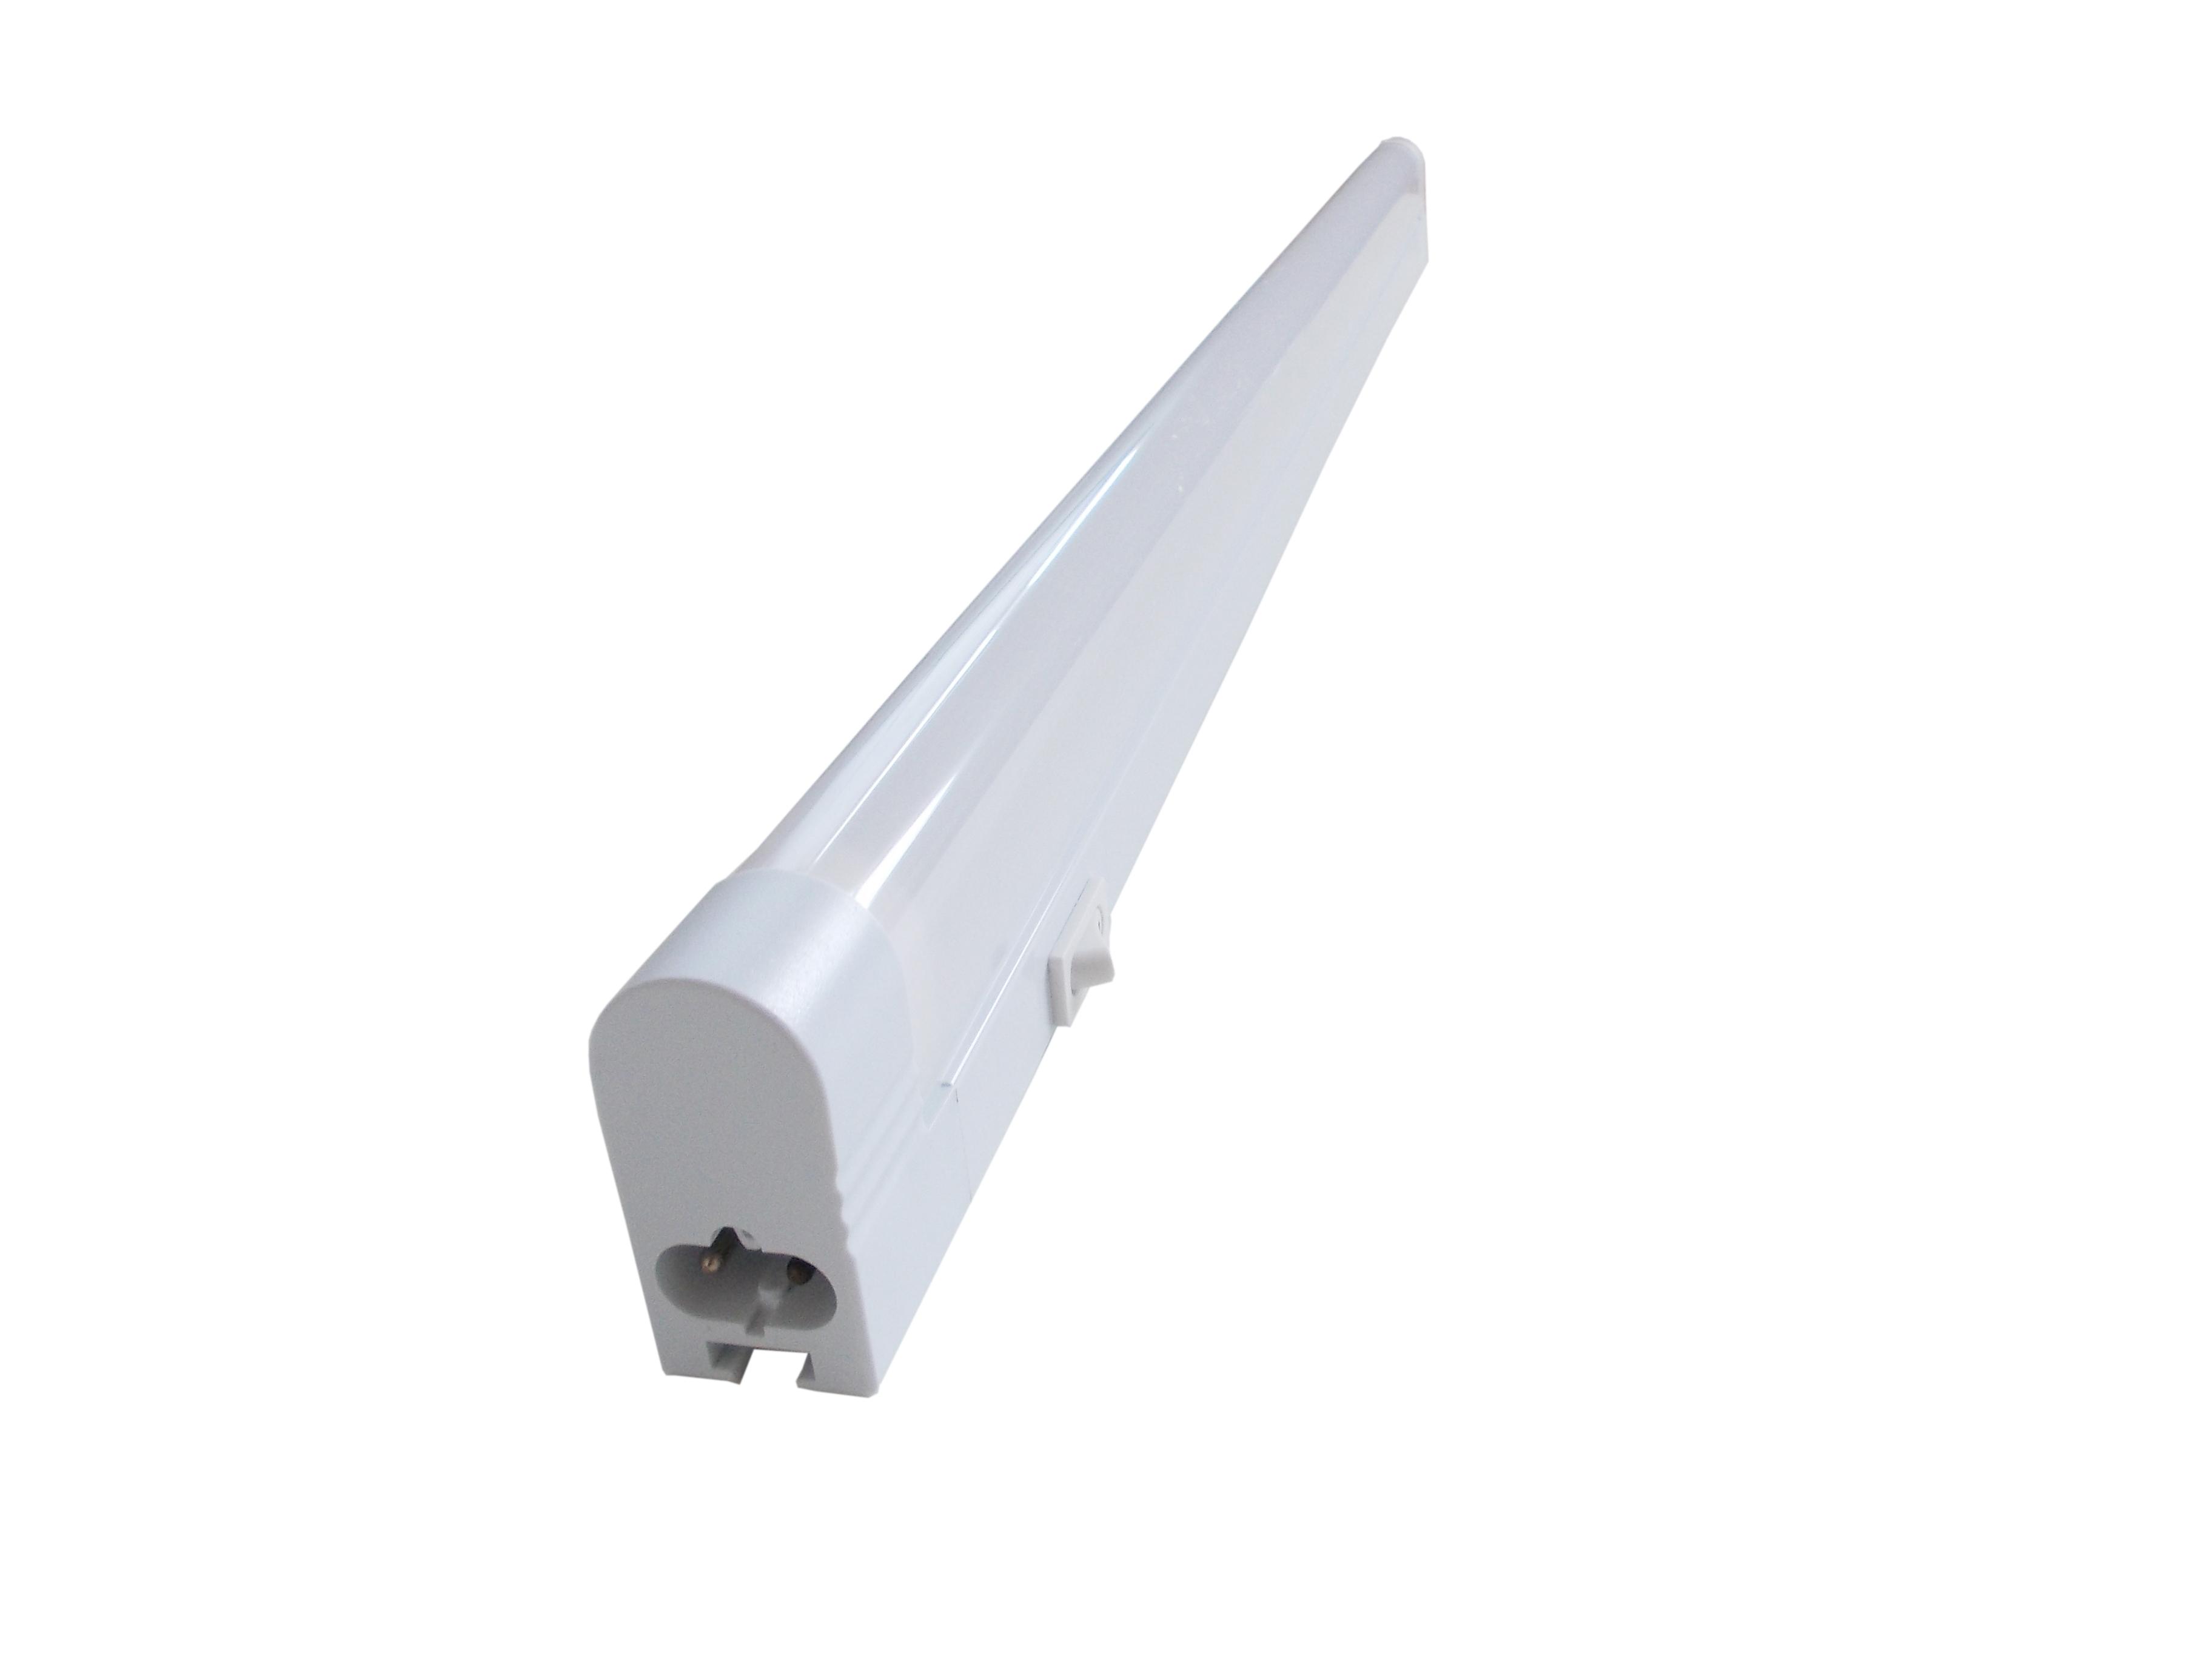 Profilite Kuchyňské svítidlo PL-TL4071S-600-WHITE s vypínačem